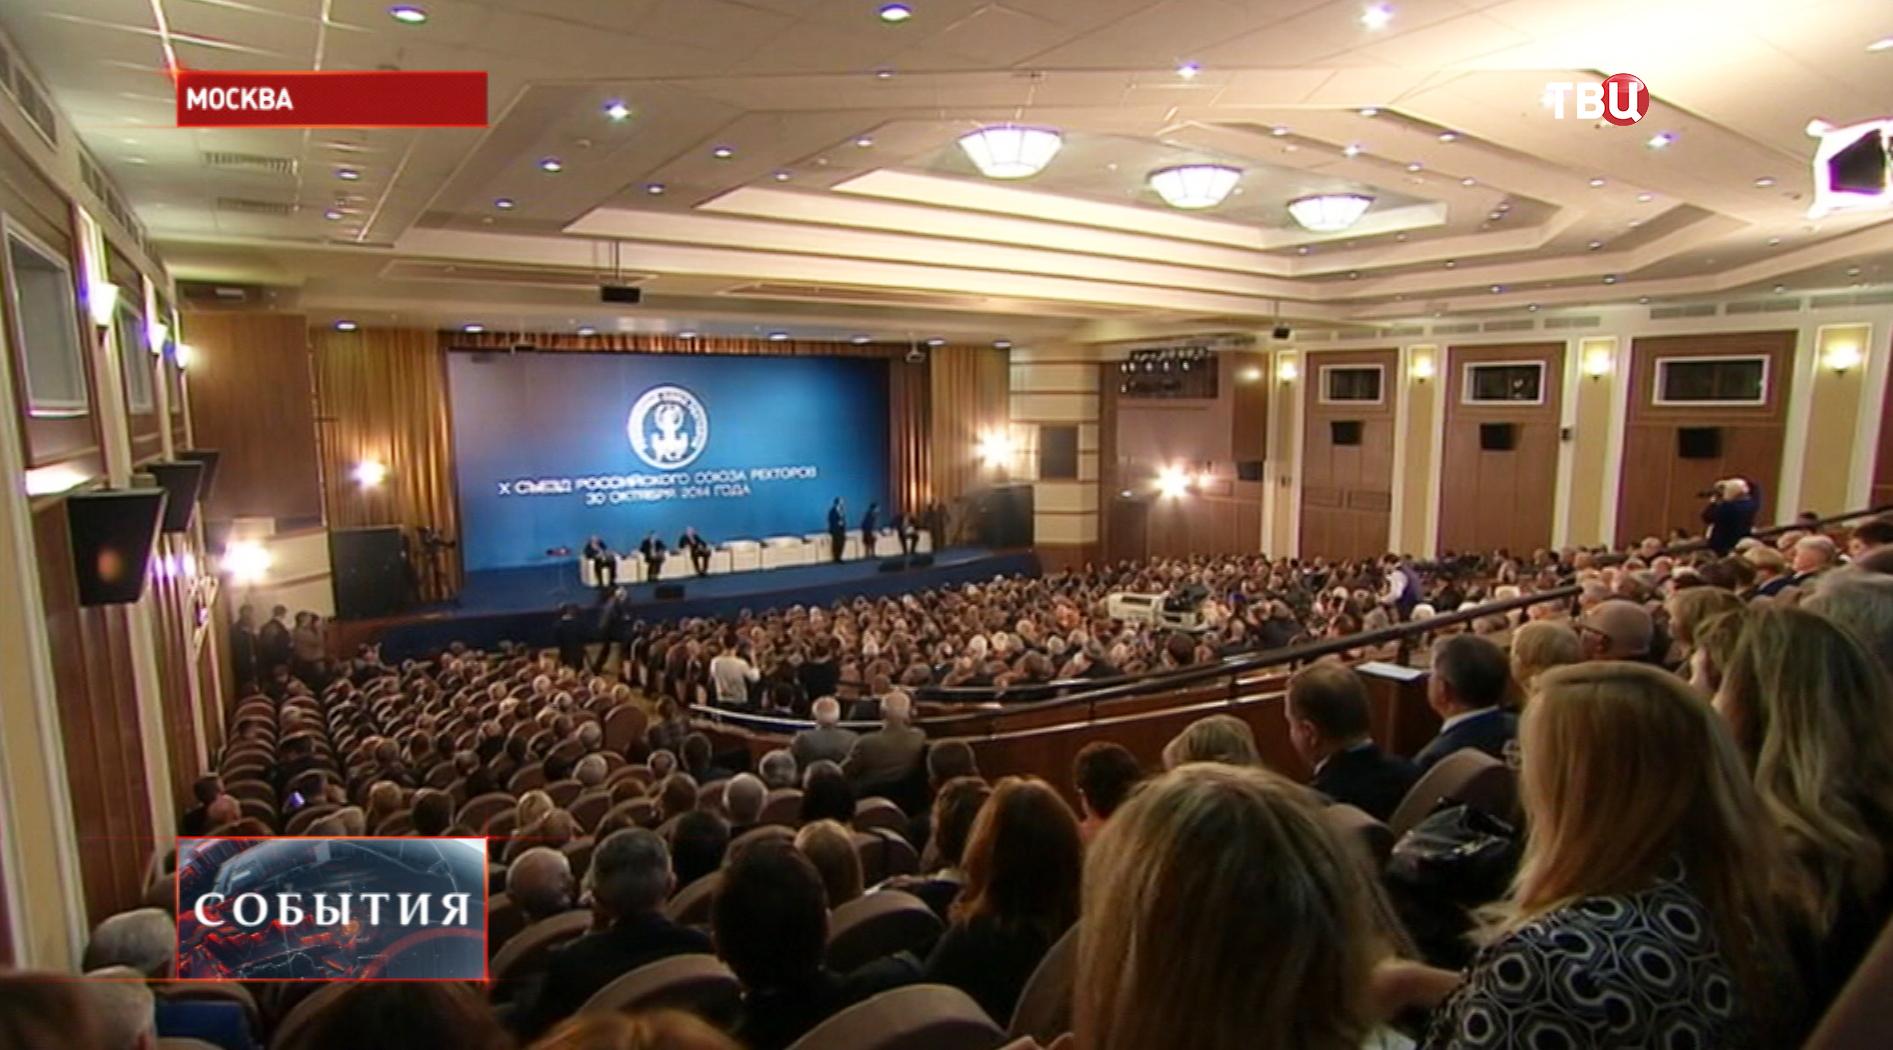 Пленарное заседание 10 съезда Российского союза ректоров